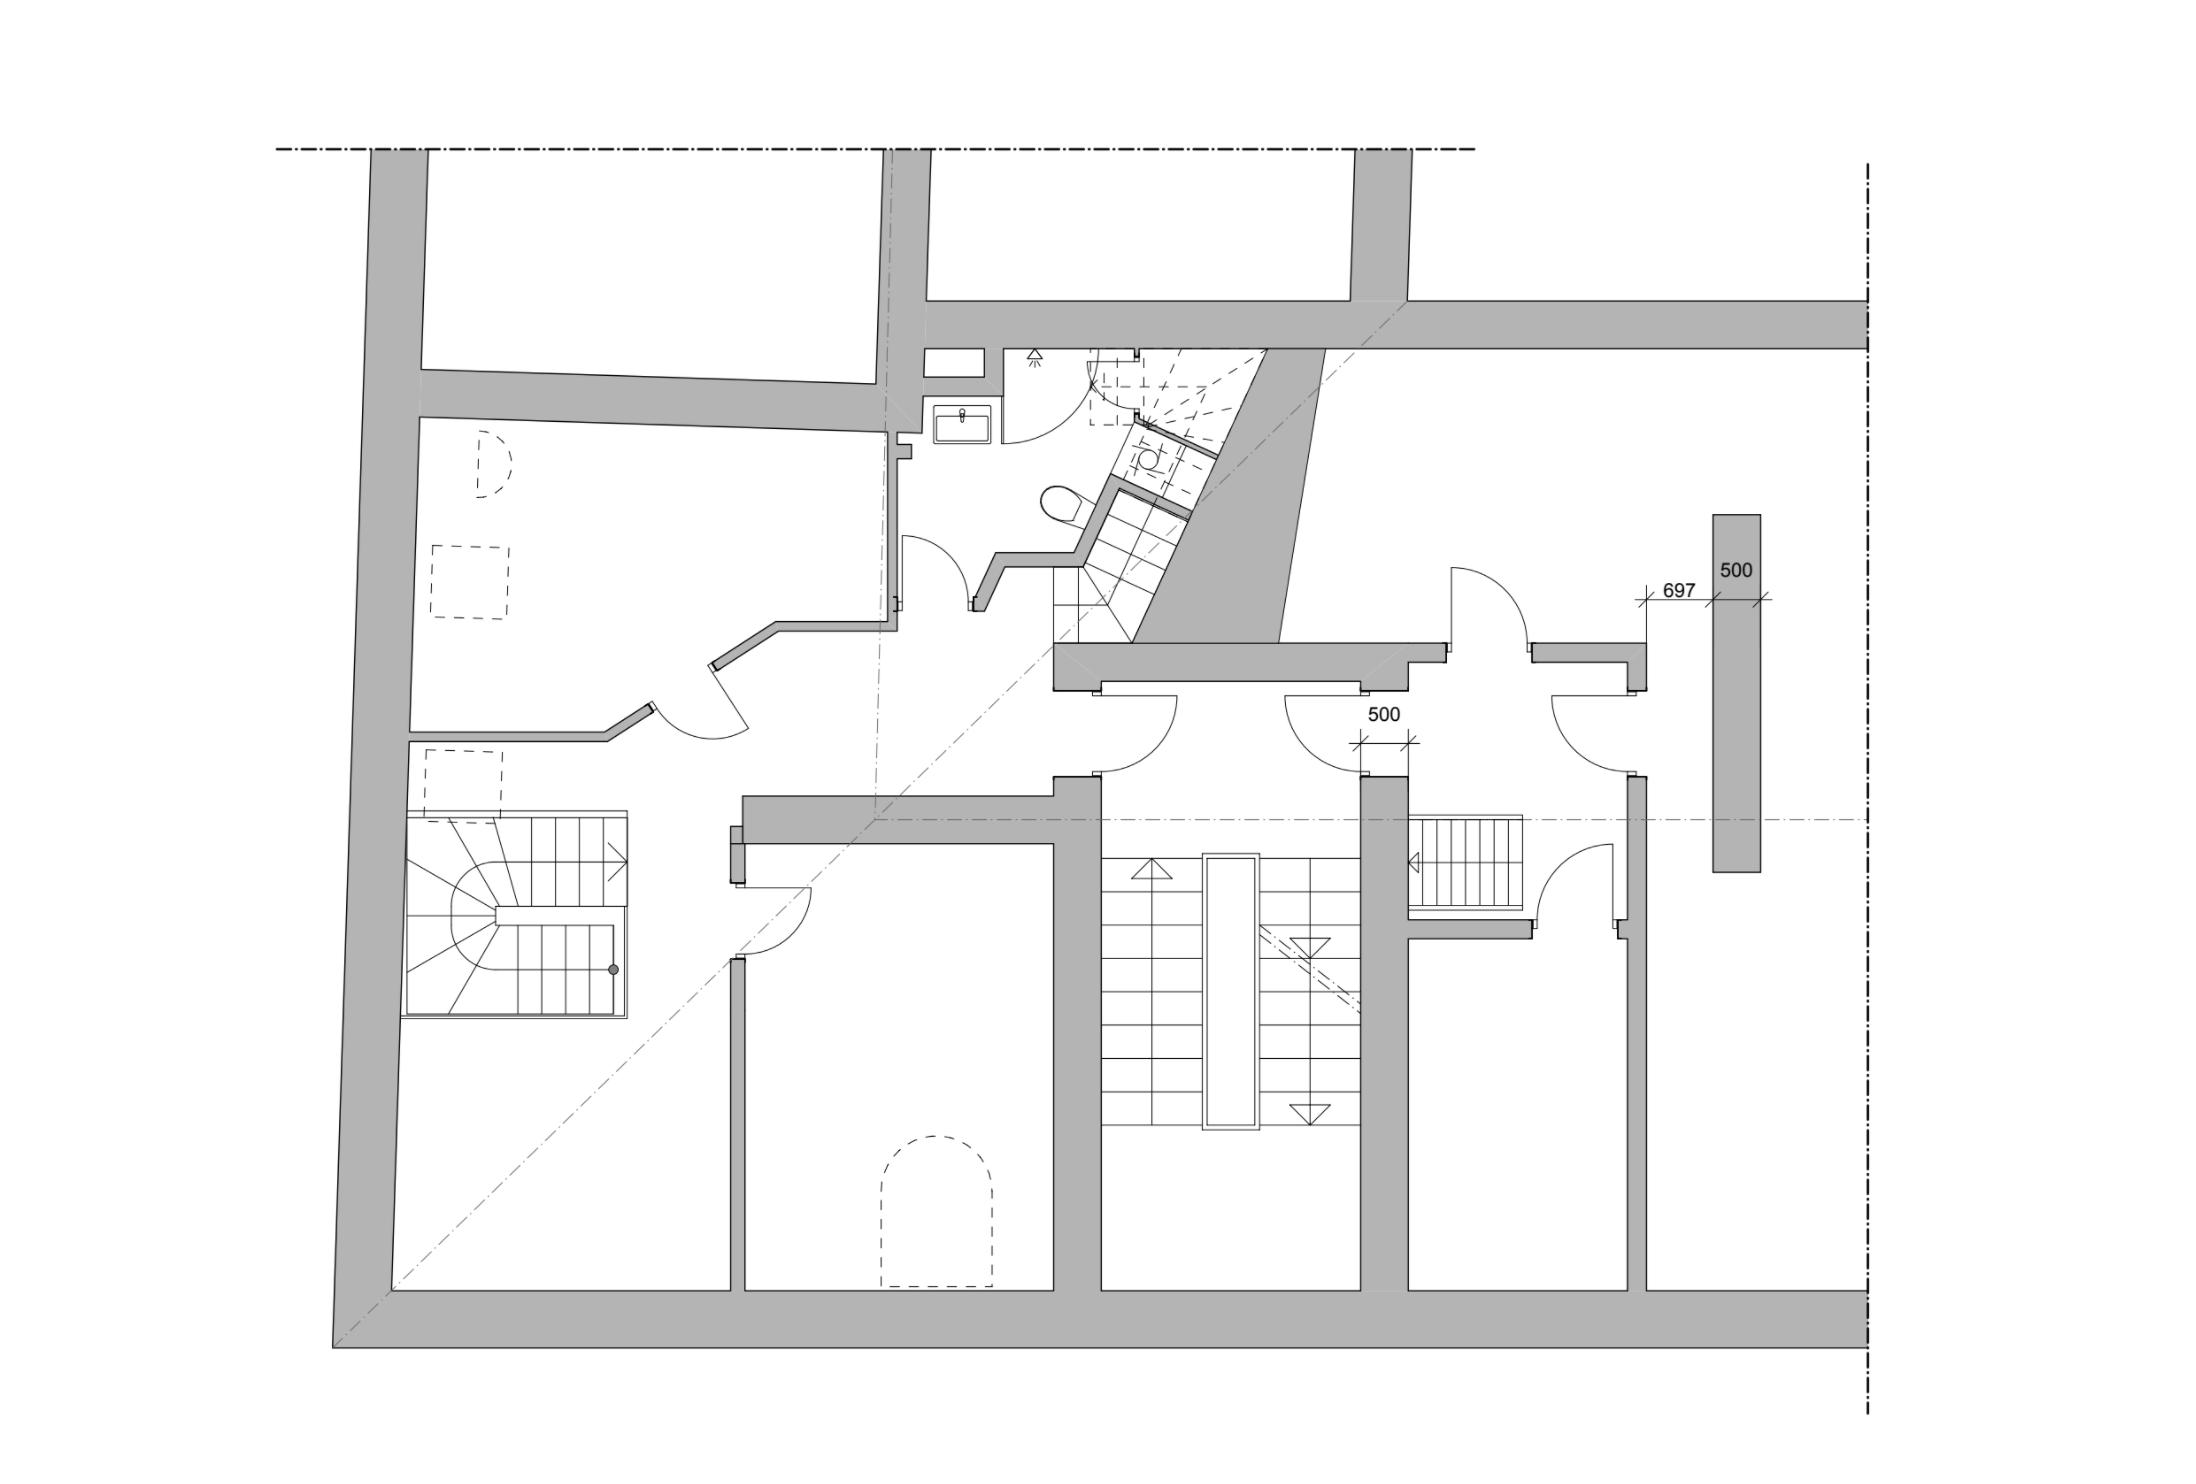 loftsetasje